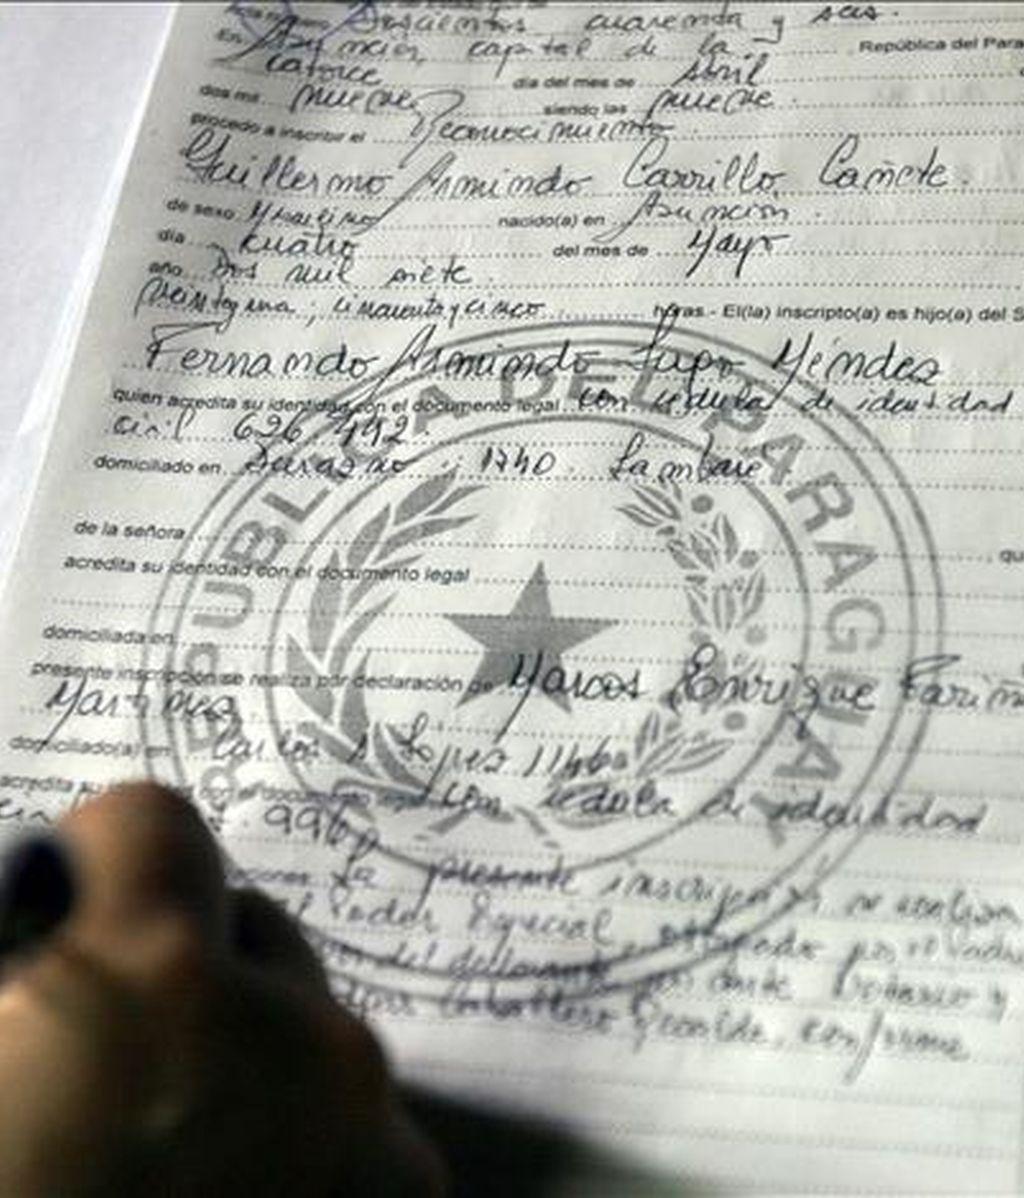 Detalle del acta redactada en una oficina del Registro Civil del barrio de Villa Aurelia en Asunción (Paraguay) en la que el presidente paraguayo, Fernando Lugo, registra al menor Guillermo Armindo Carrillo, de dos años de edad, como hijo suyo. EFE